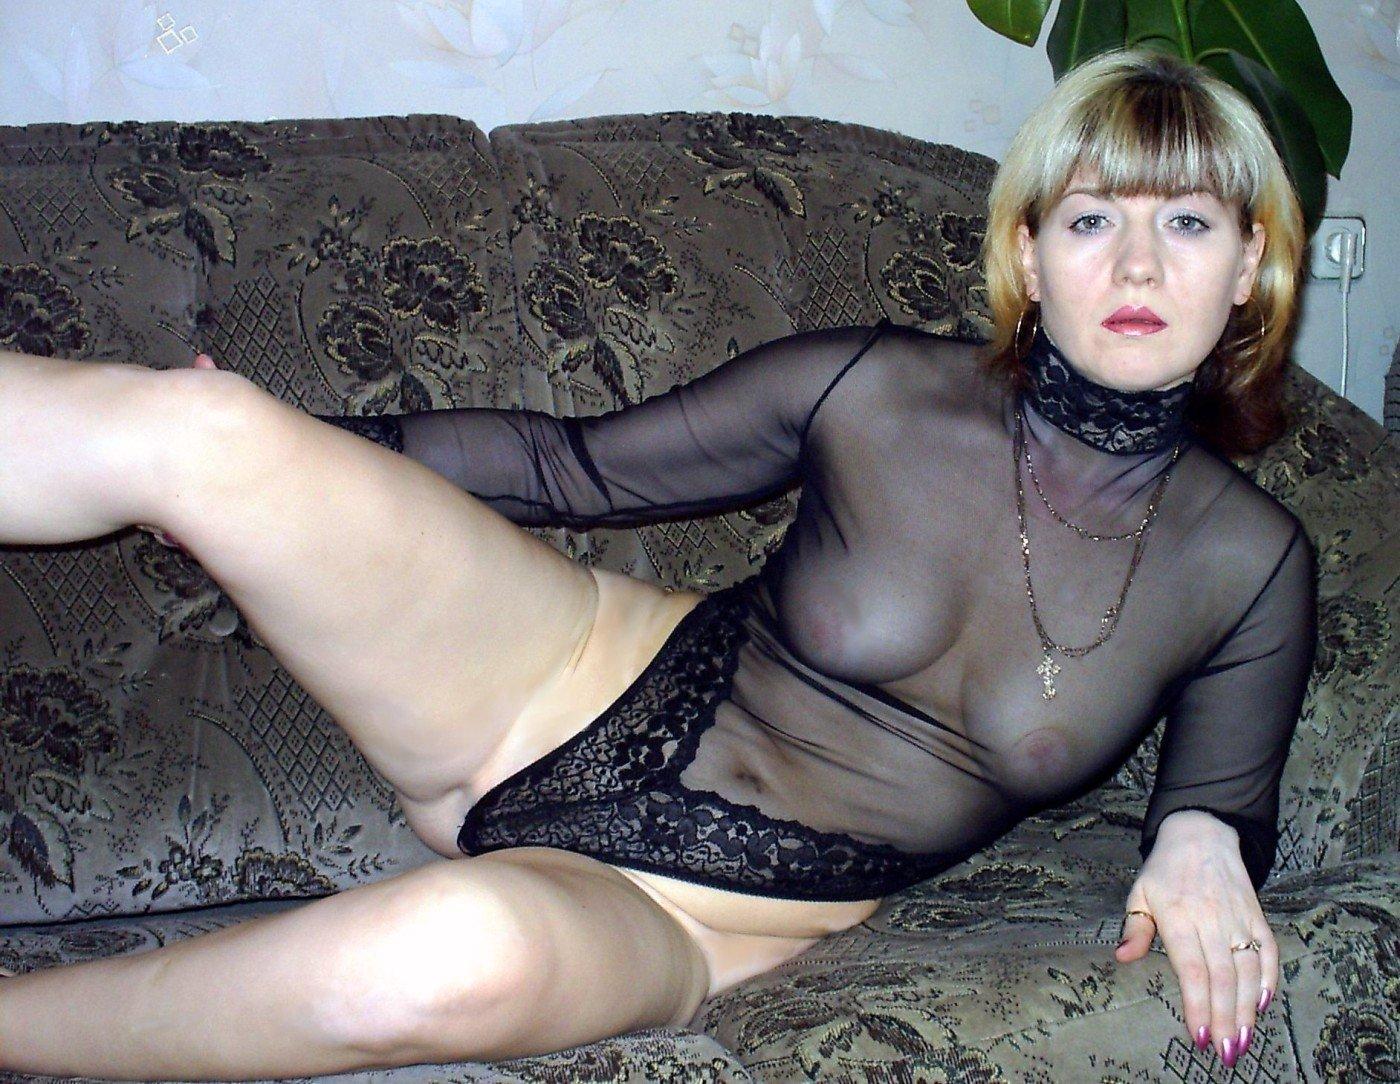 Проститутки в москве от 35 до 45 лет, Проститутки Москвы от 40 до 50 лет. Интим услуги 21 фотография